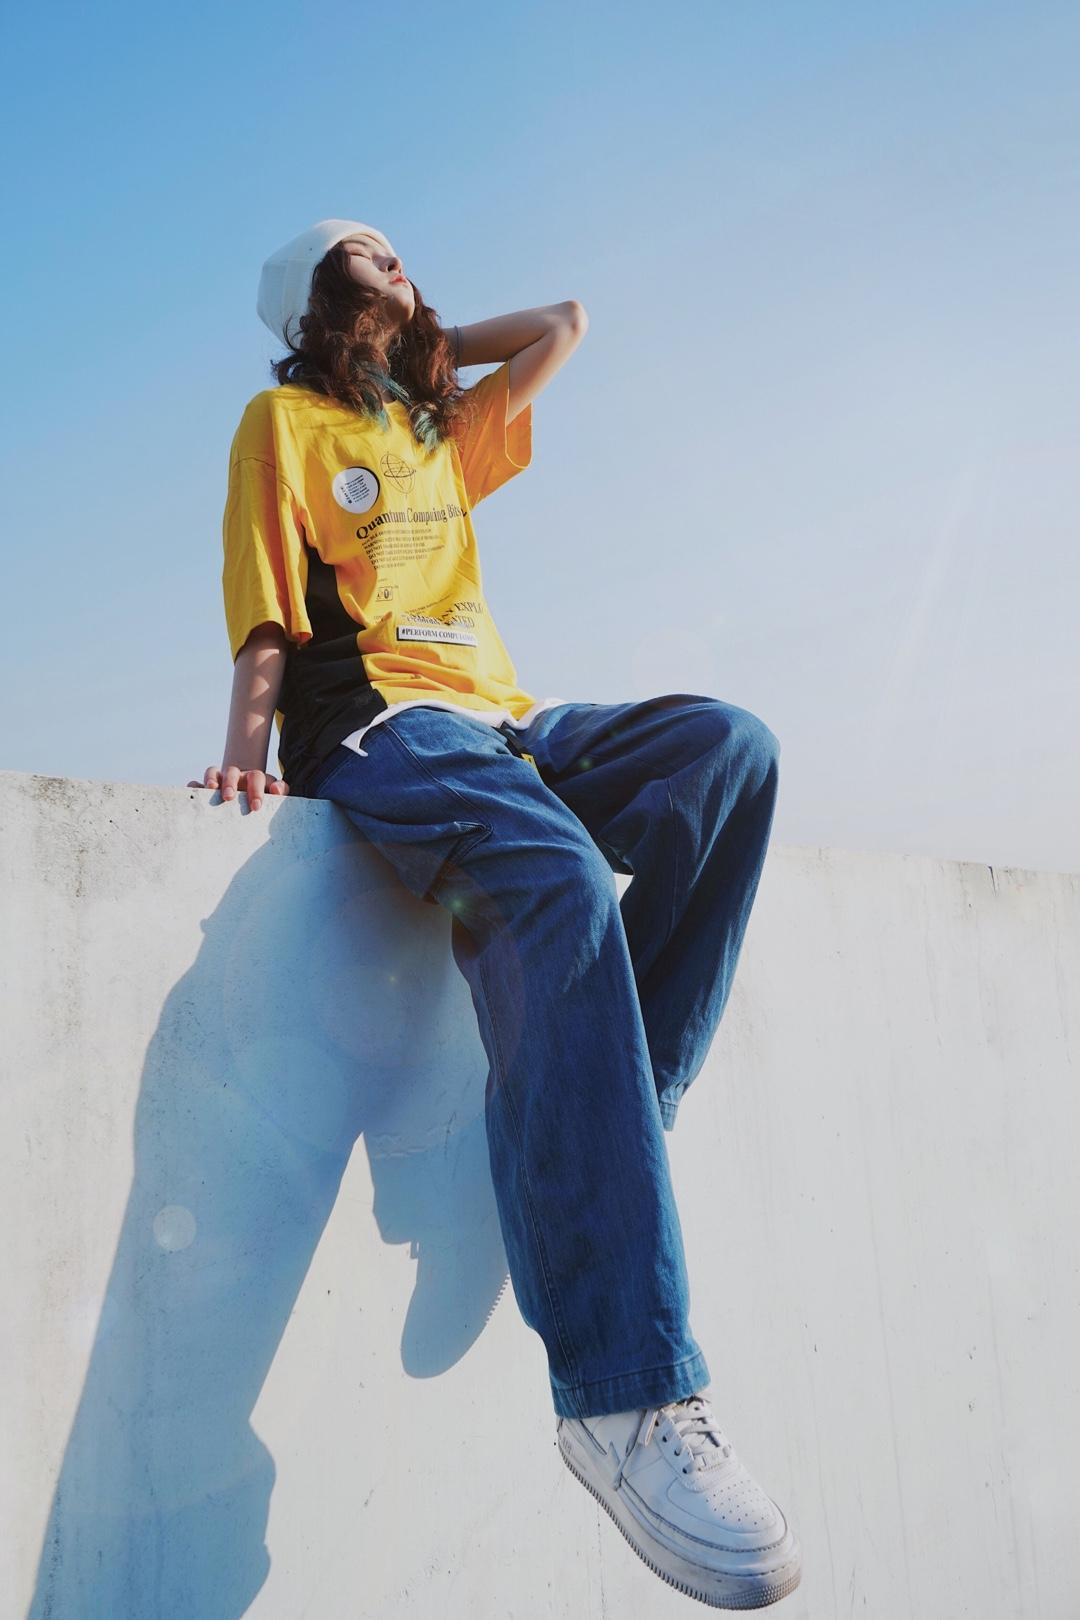 饱和度满满的夏天来了呀⭐️⭐️⭐️ 上衣:vengetice 两侧可调节抽绳让衣服更有褶皱感,印花设计的短袖,黑色与黄色的撞色同时半袖设计让夏日无拘束更清凉 裤子:dakyam 宽松拉链口袋设计的靛蓝牛仔裤,腰上的黄色腰带黄色点缀,与上衣呼应 #惊!回头率百分百出街look#